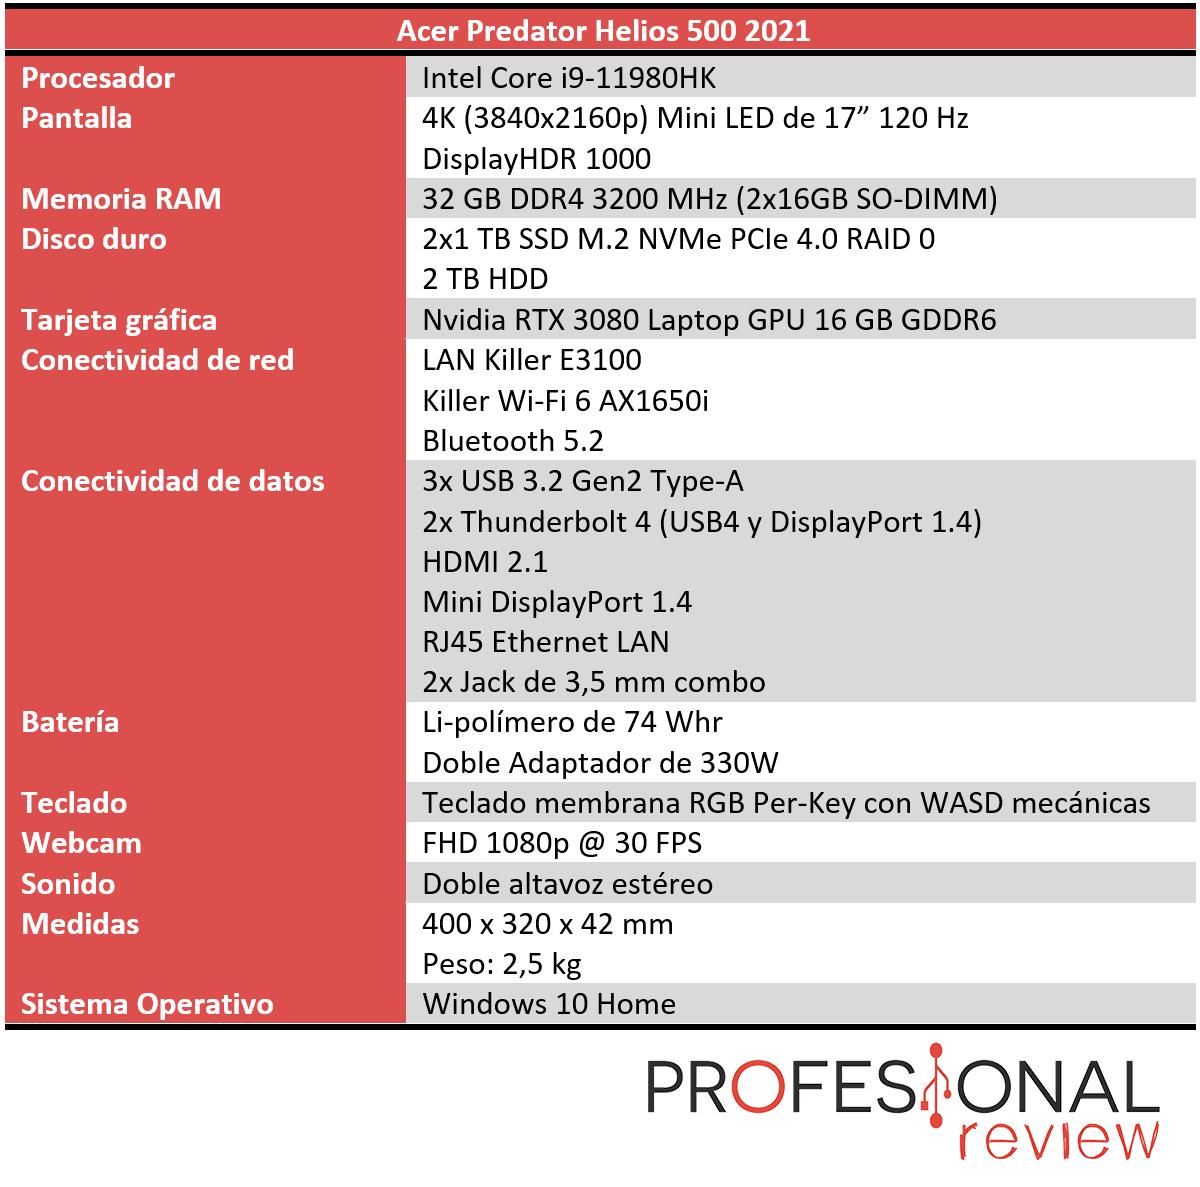 Acer Predator Helios 500 2021 Características